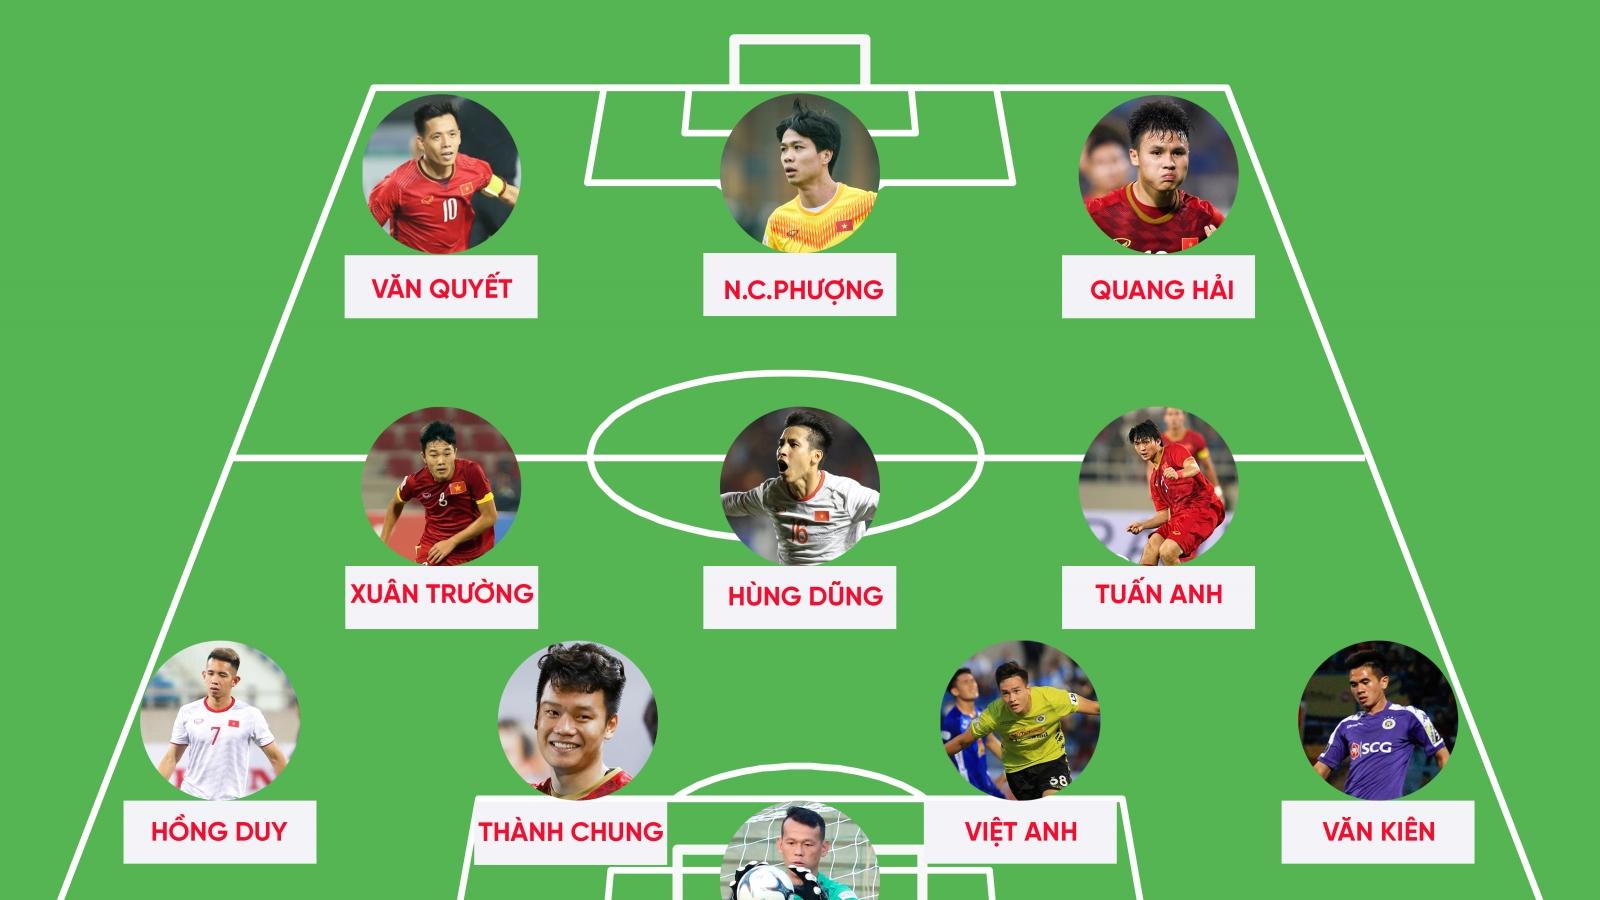 """Đội hình """"siêu tấn công"""" của ĐT Việt Nam kết hợp giữa Hà Nội FC với HAGL"""